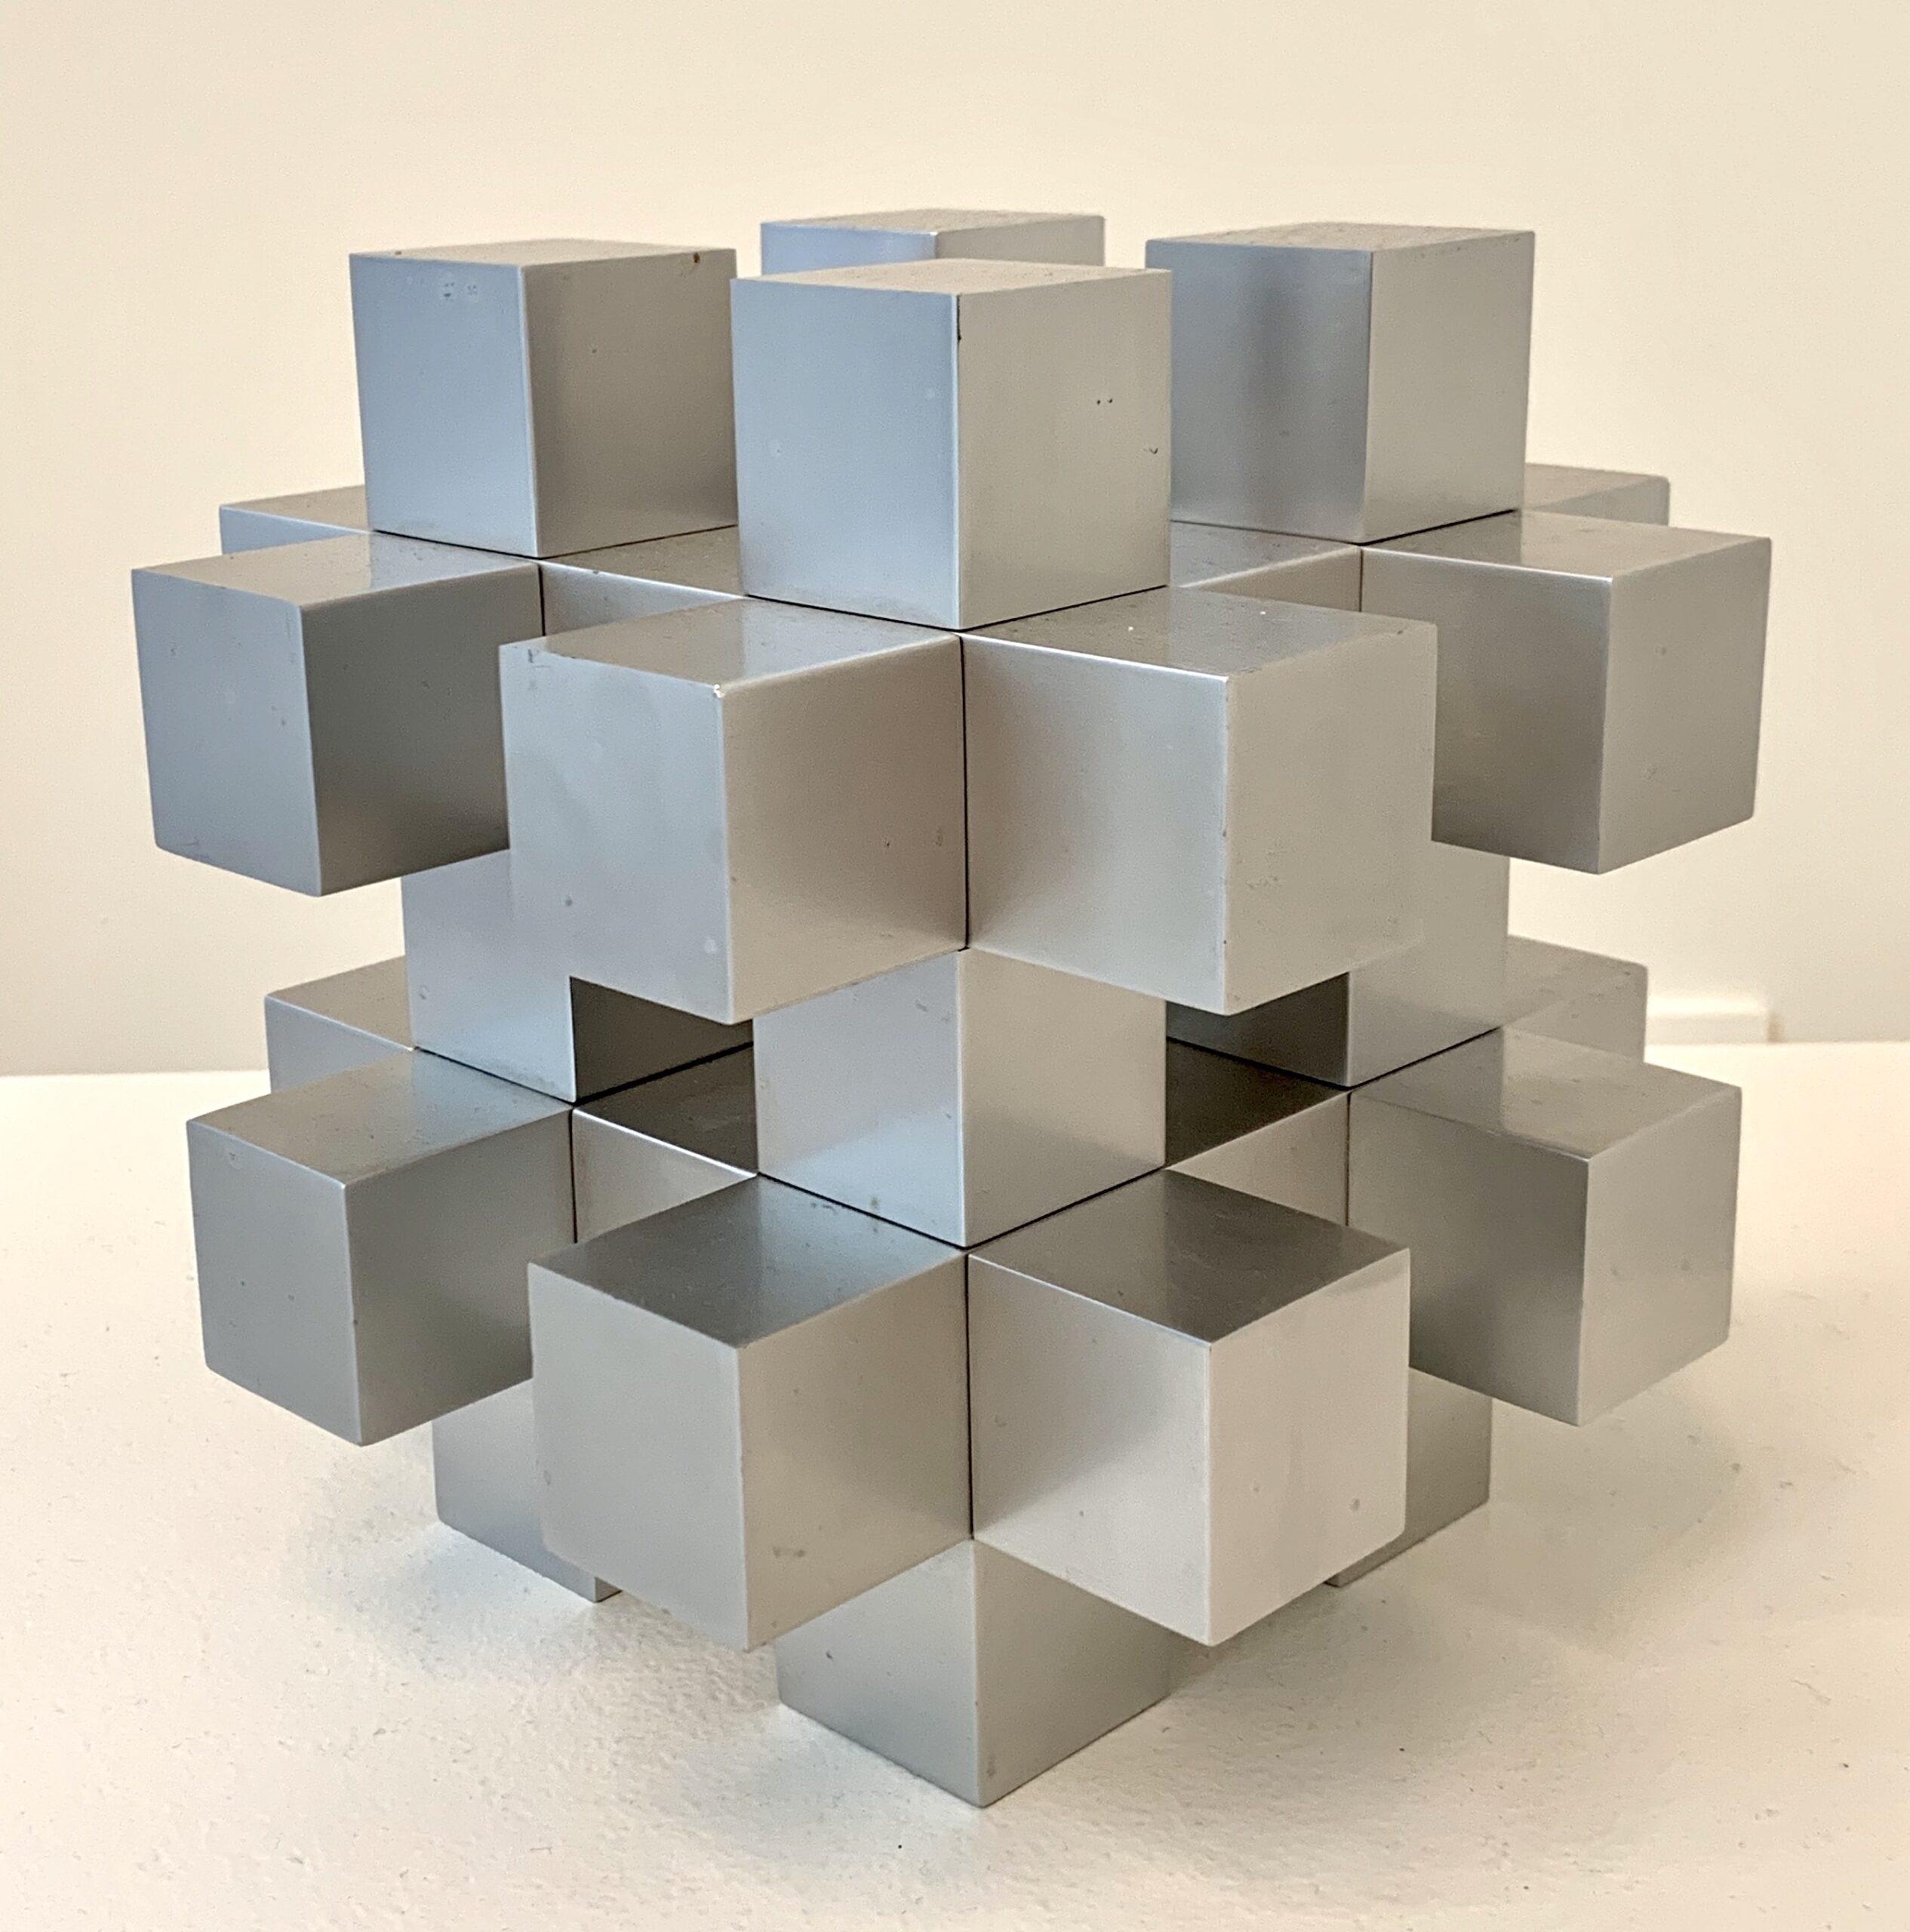 Ewerdt Hilgemann - Cube Structure, 1973